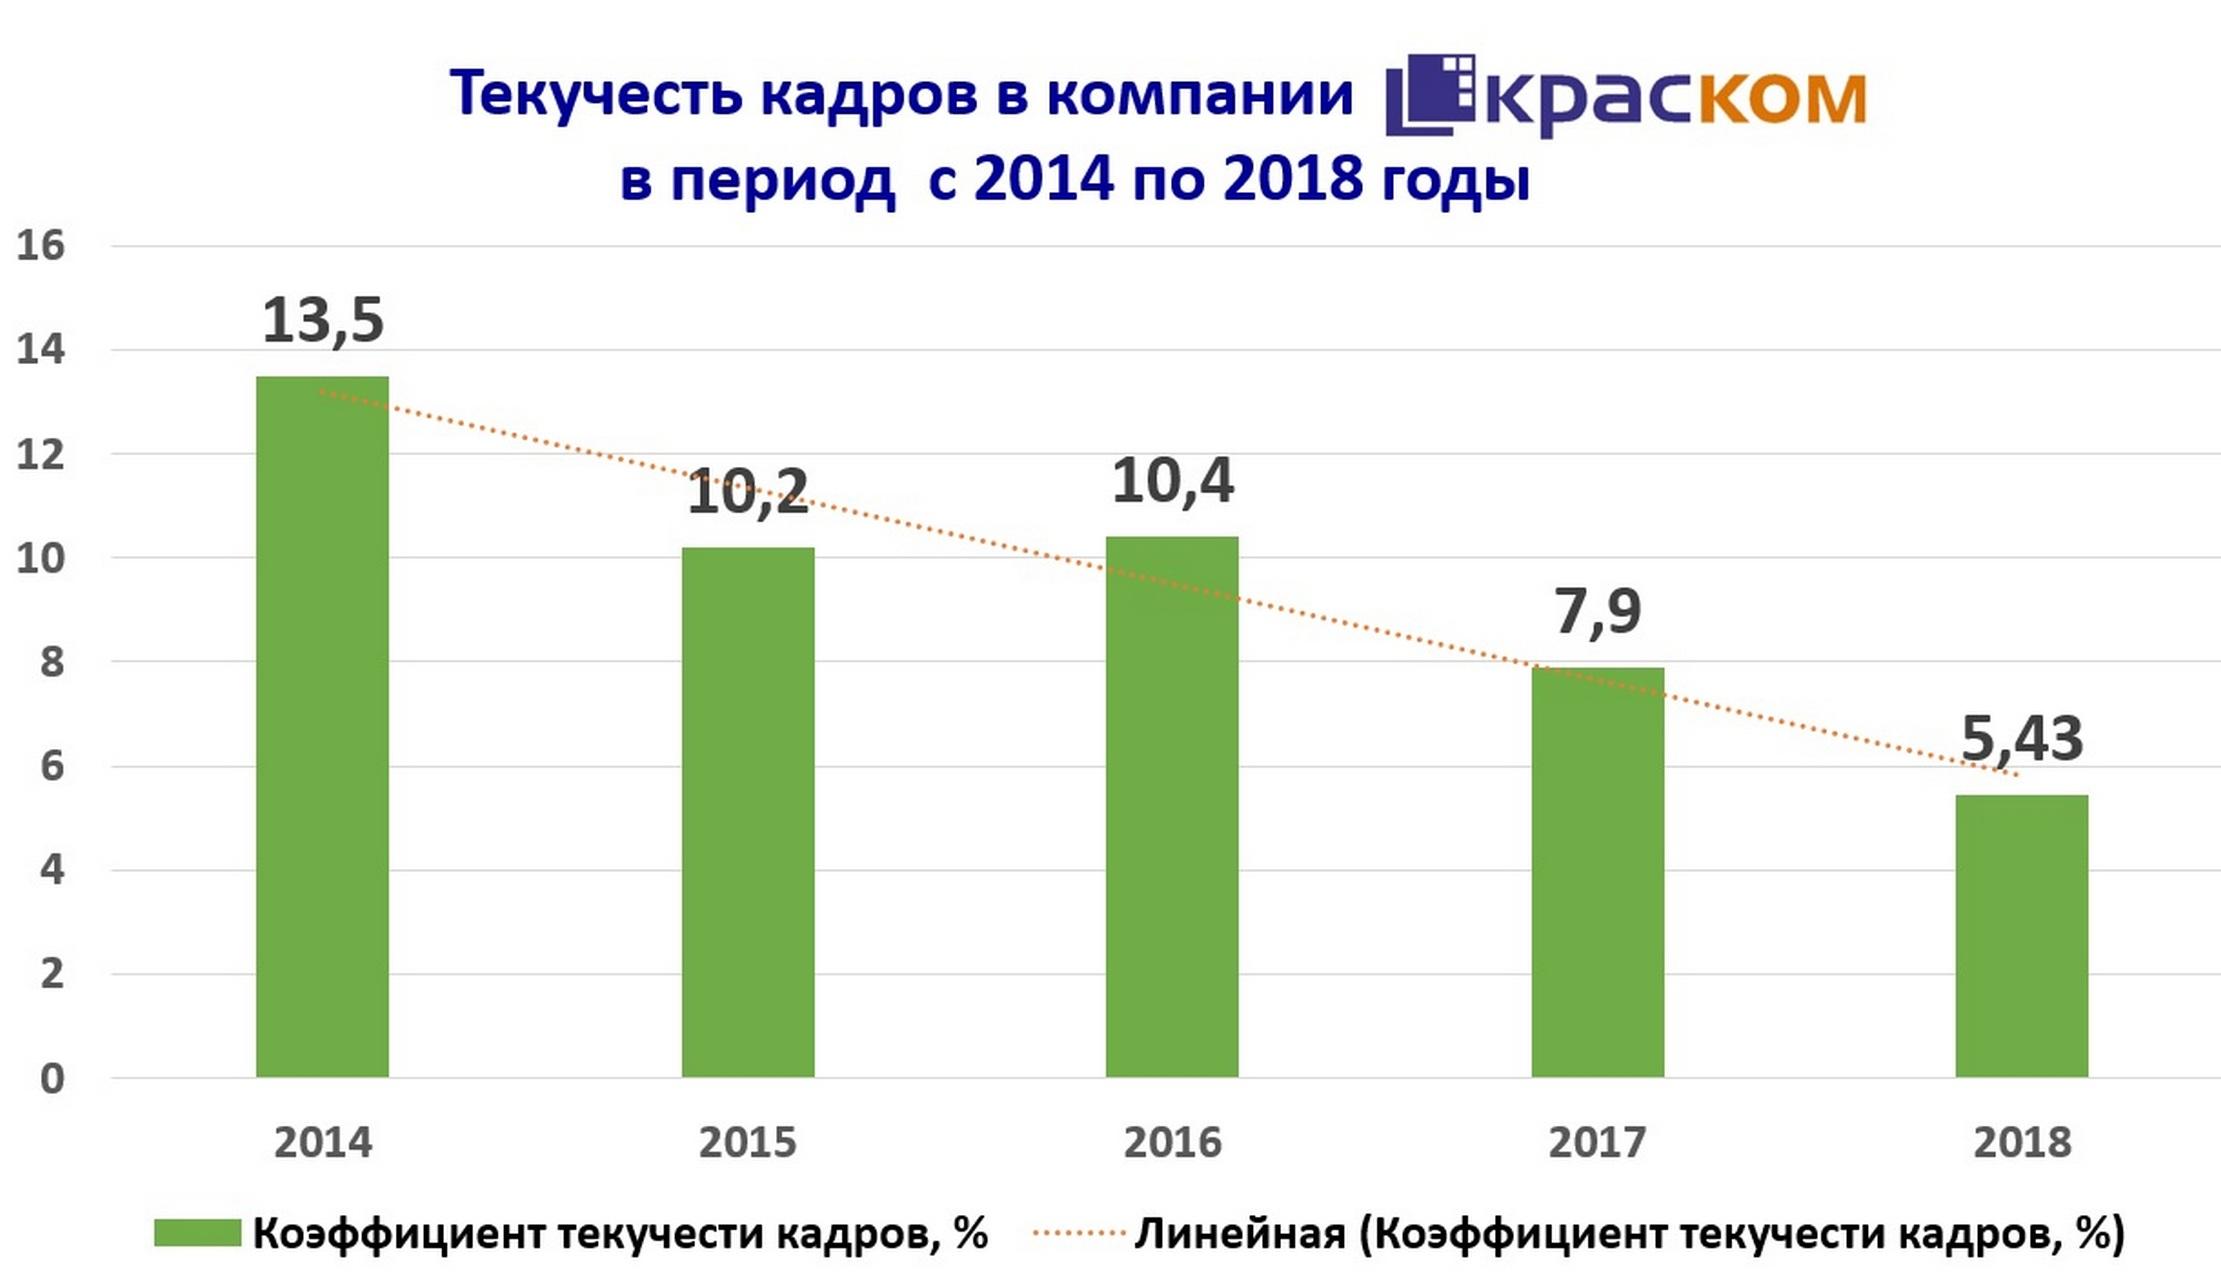 в 2018 году текучесть кадров была наименьшей за последние пять лет — 5,43 процента.